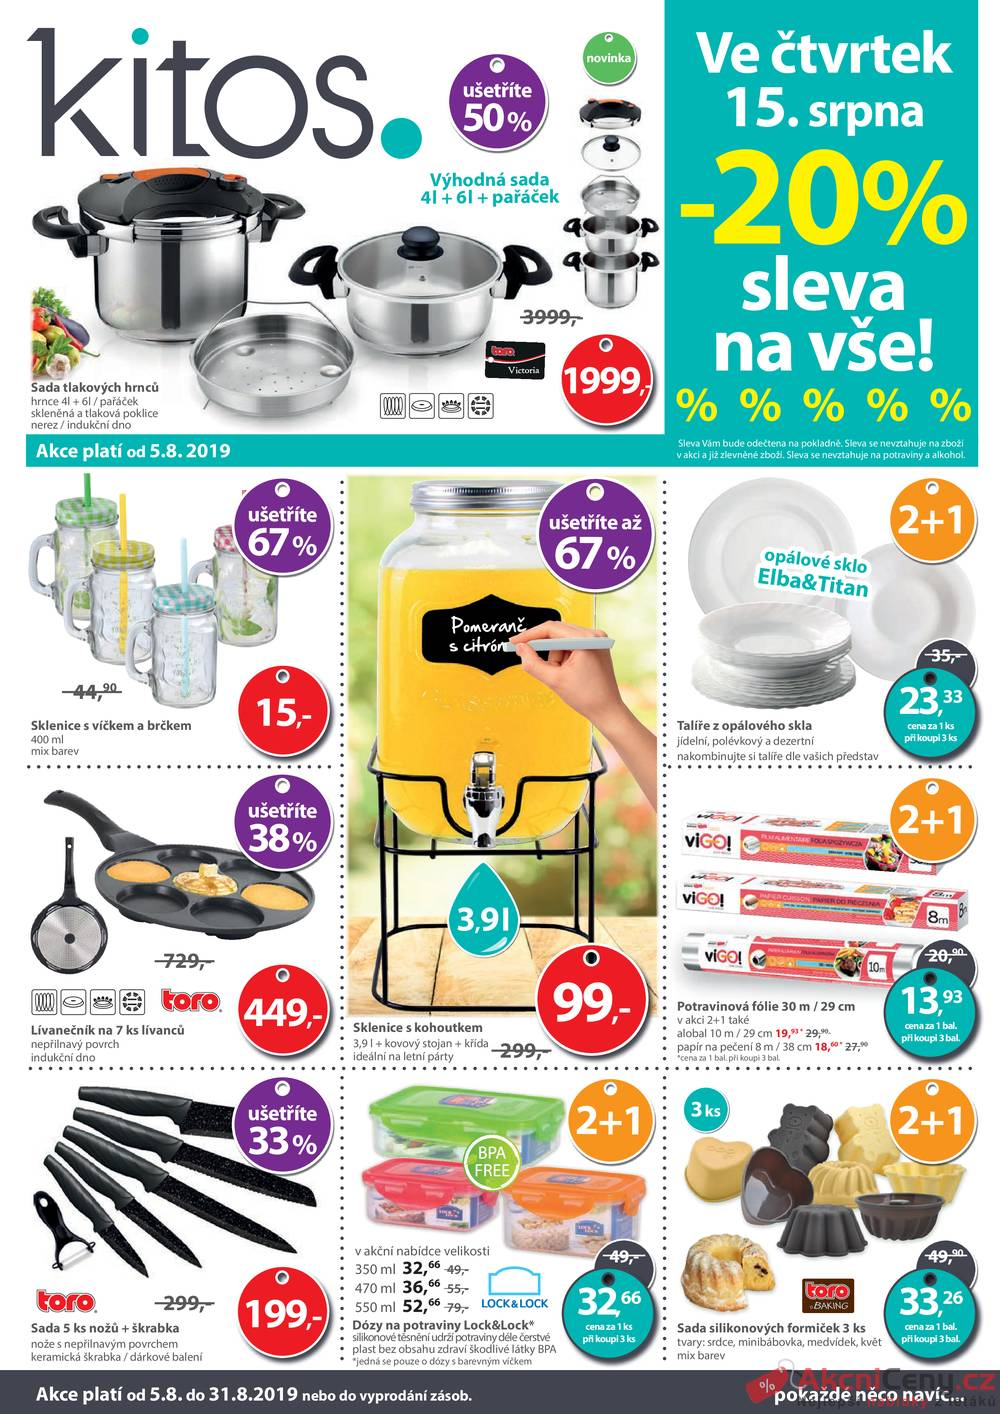 Leták Kitos s.r.o. - Kitos od 5.8. do 31.8.2019 - strana 1